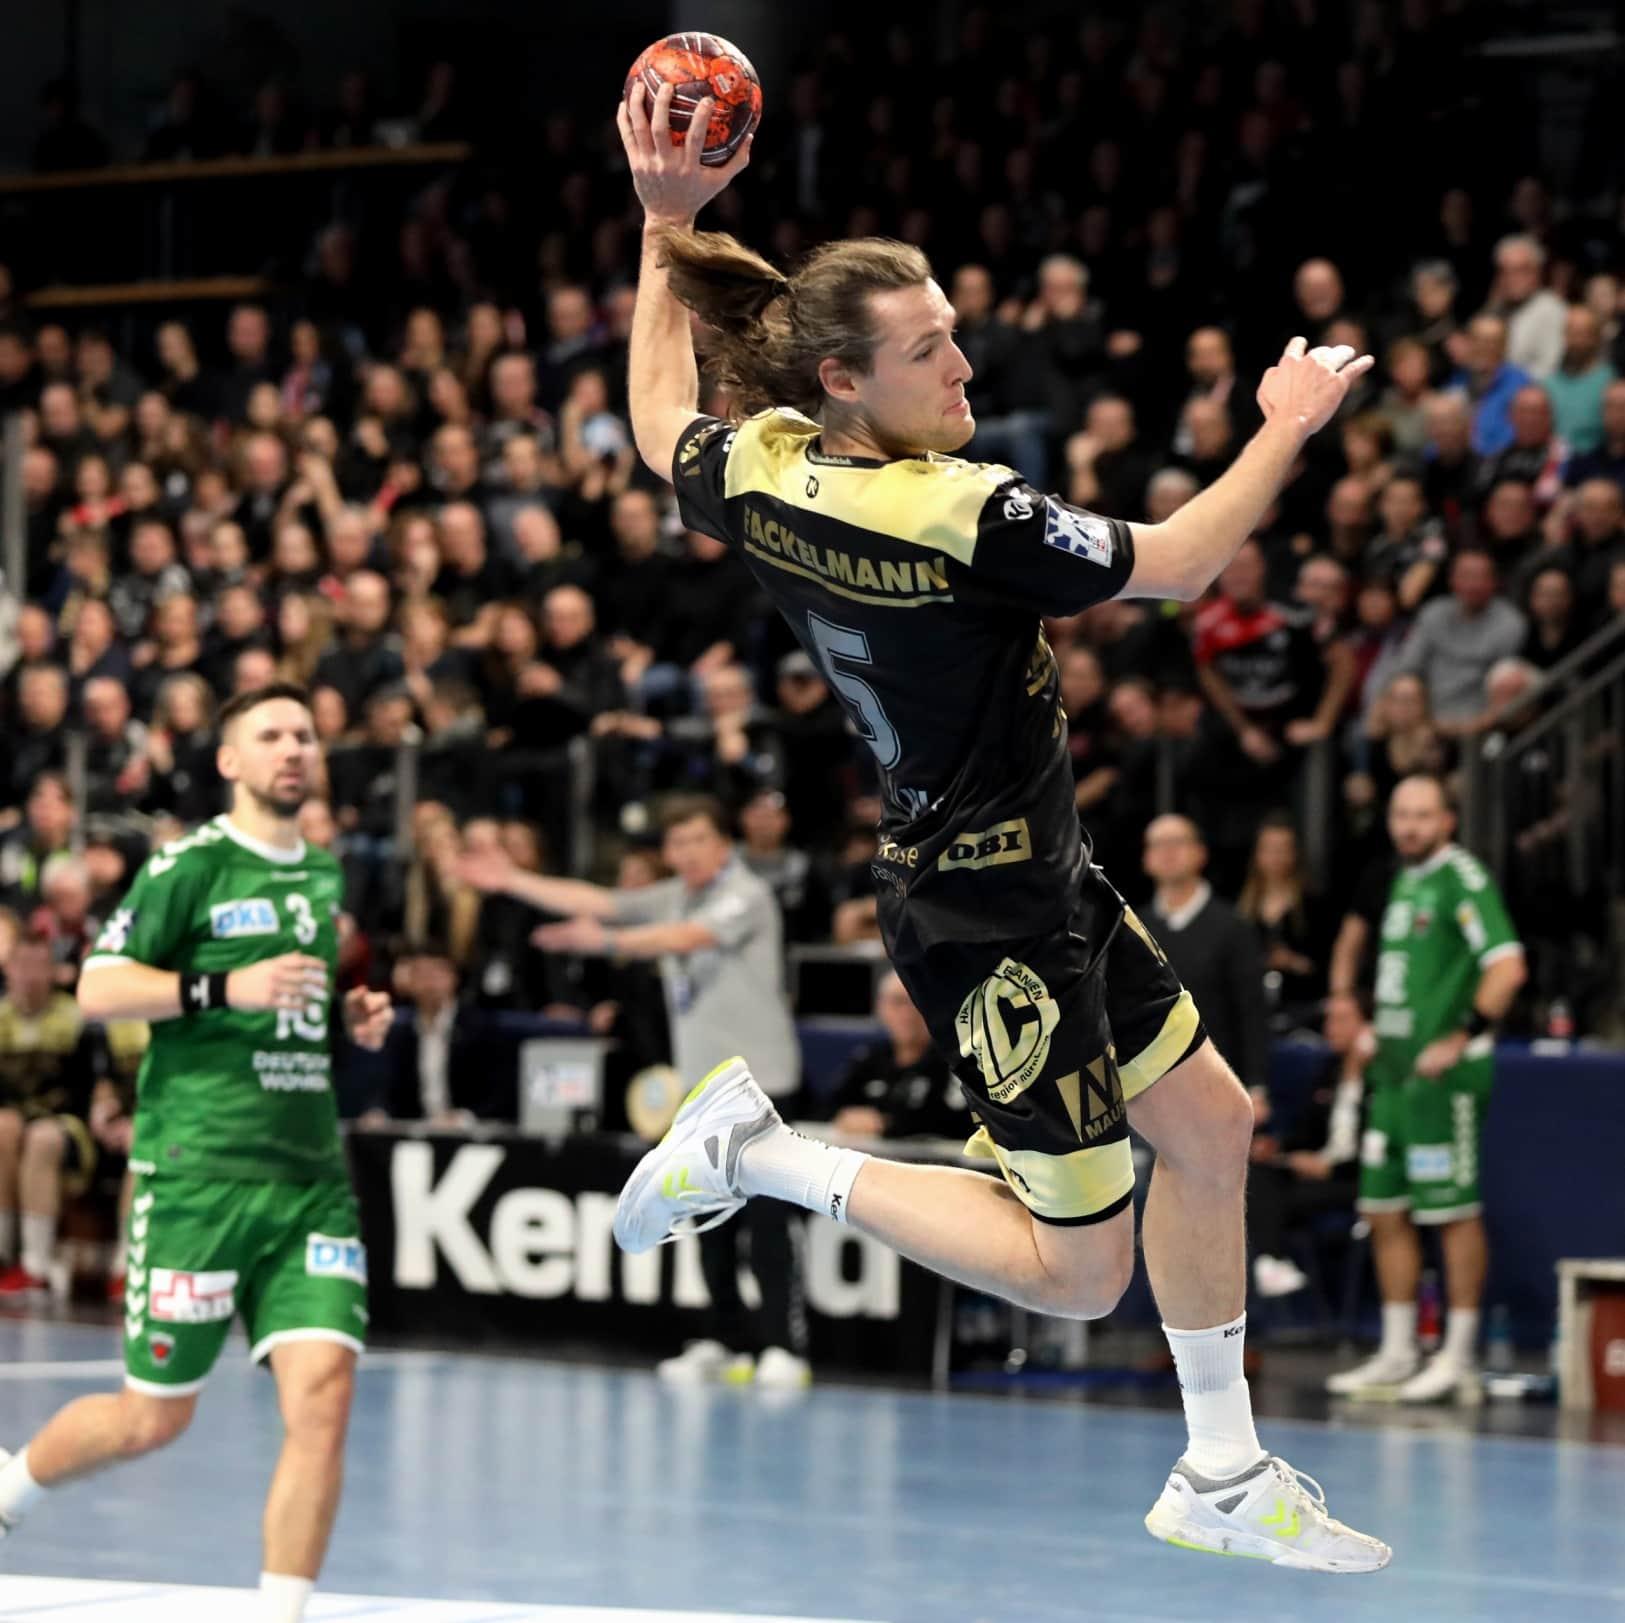 Handball ausverkaufte Arena beflügelt den HC Erlangen zum Sieg gegen die Füchse Handball: Ausverkaufte ARENA beflügelt den HC Erlangen zum Sieg gegen die Füchse